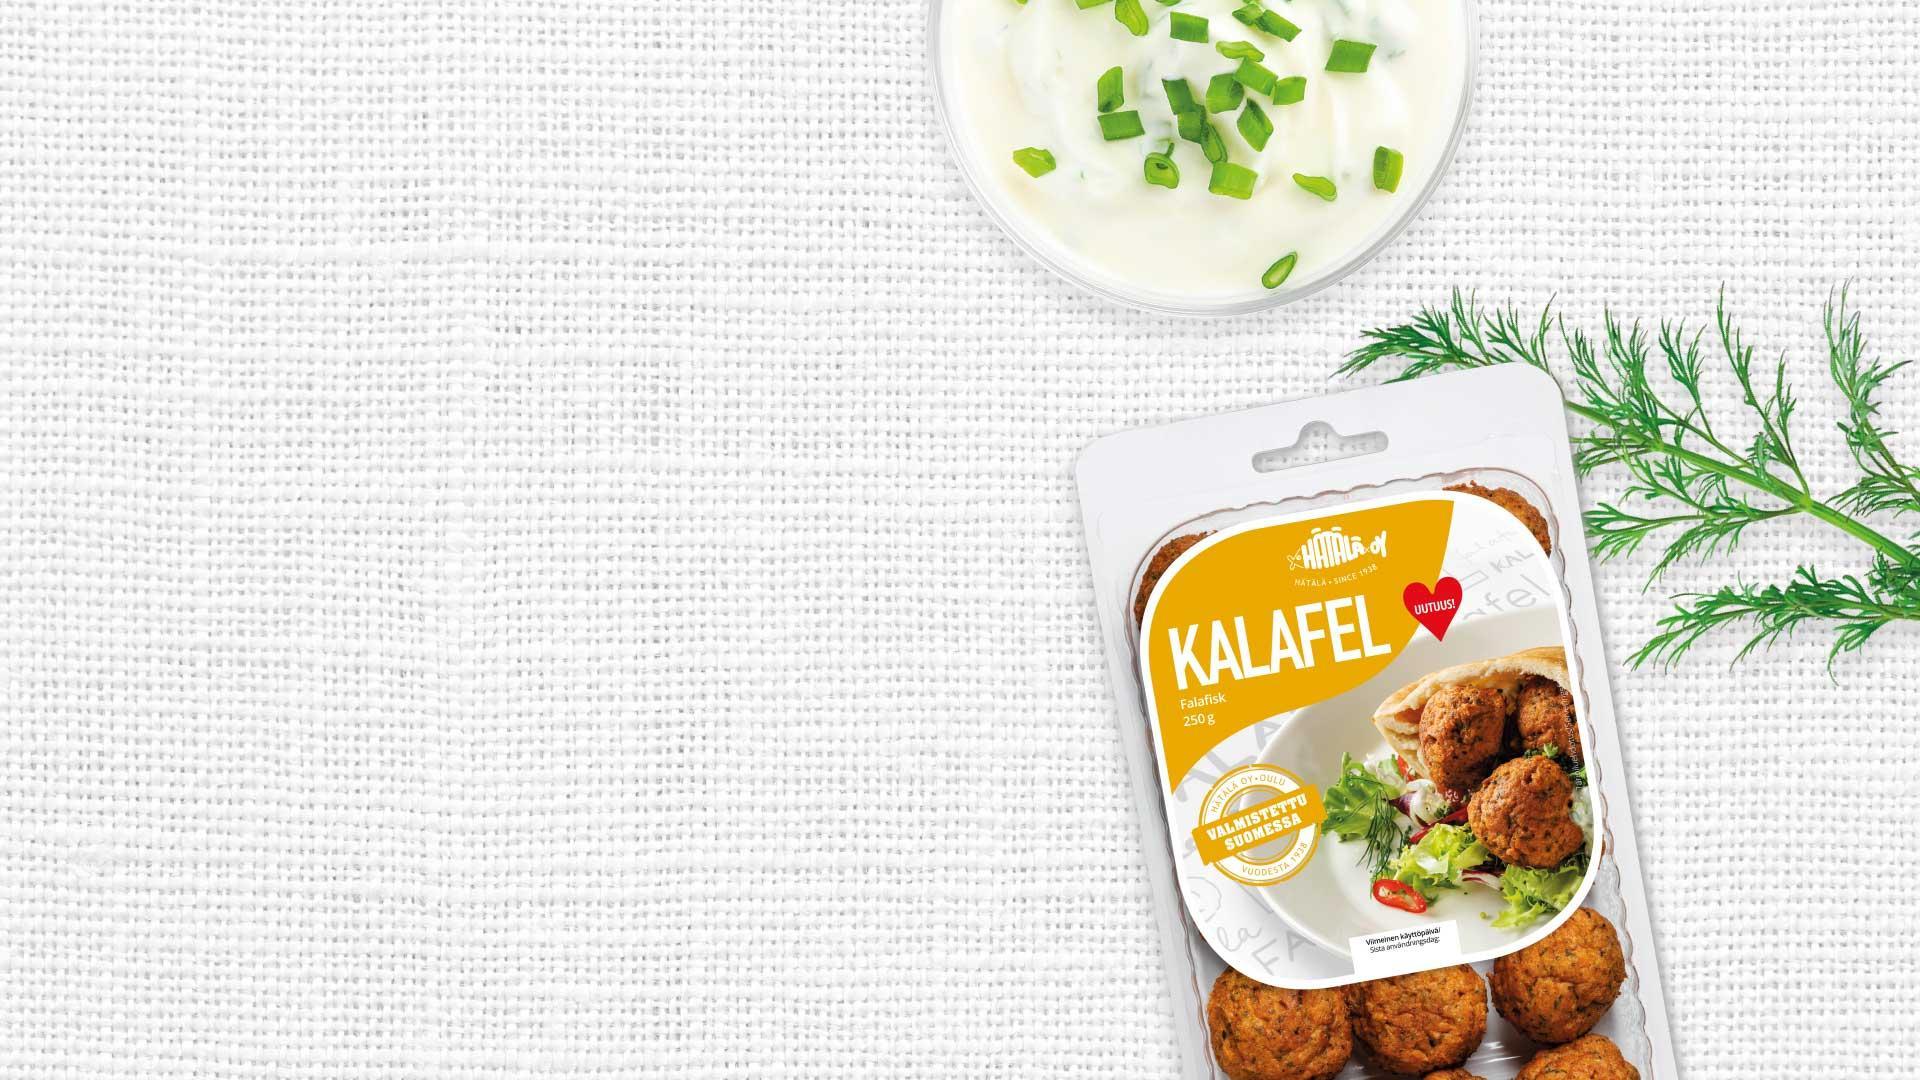 Hätälä Kalafel 250g pakkaus pöytäliinan päällä| Kalatuotteet | Hätälä